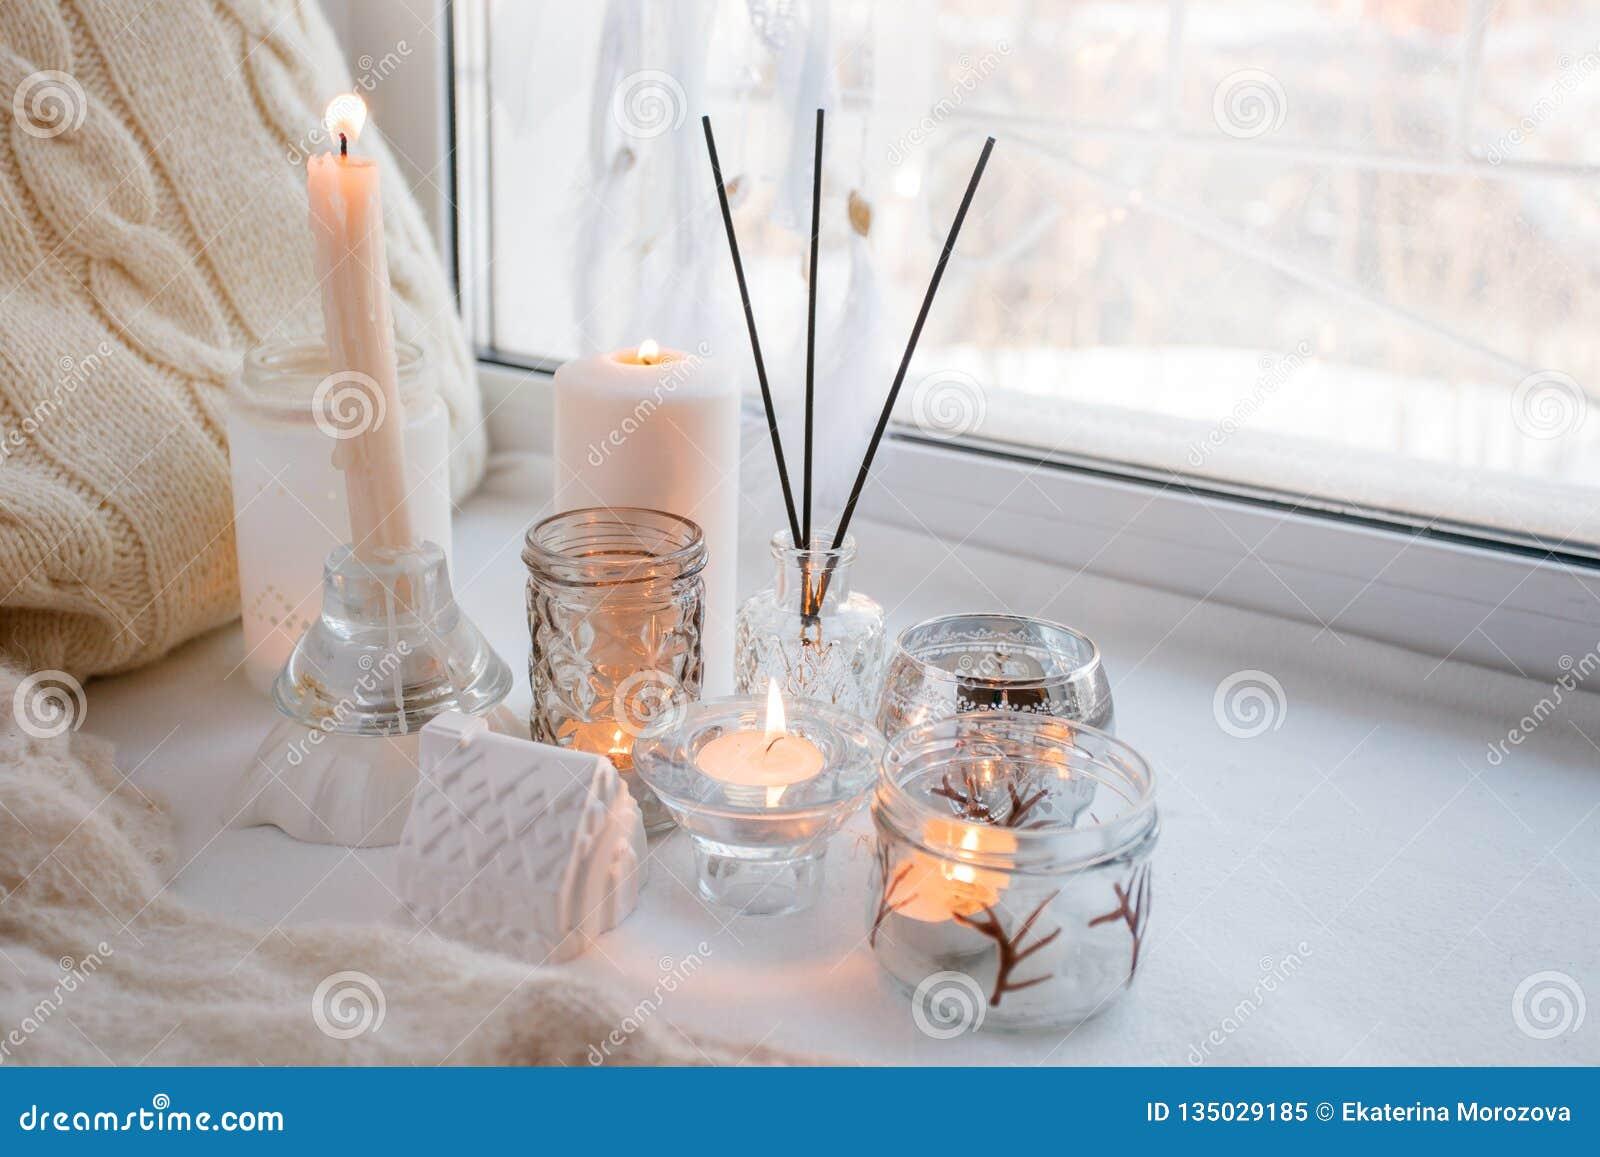 Decorare Candele Bianche : La bella decorazione delle candele accese bianche in